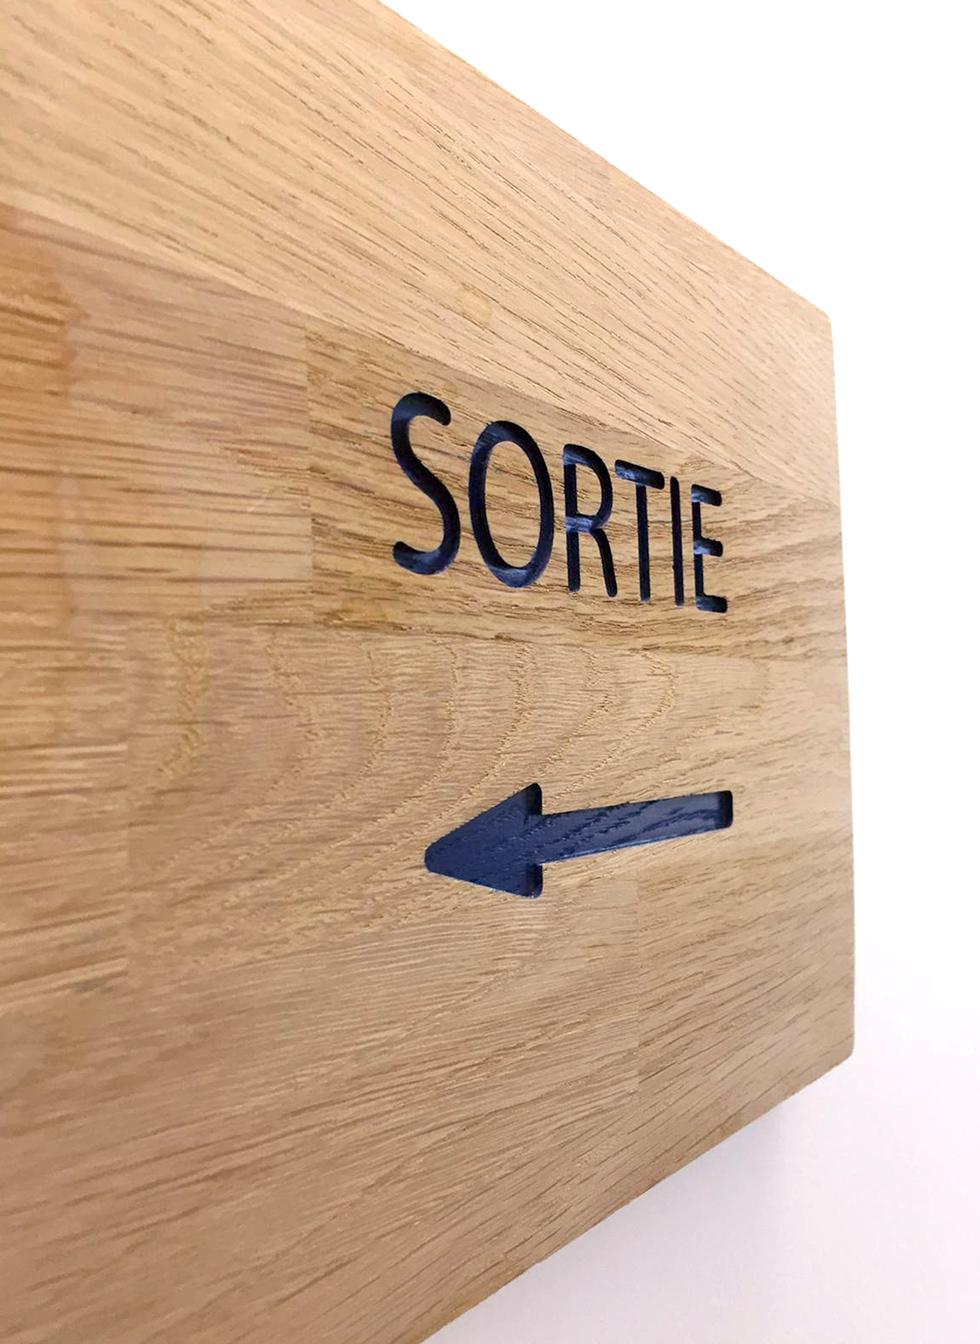 CDP_A5_gravé_Sortie_VL